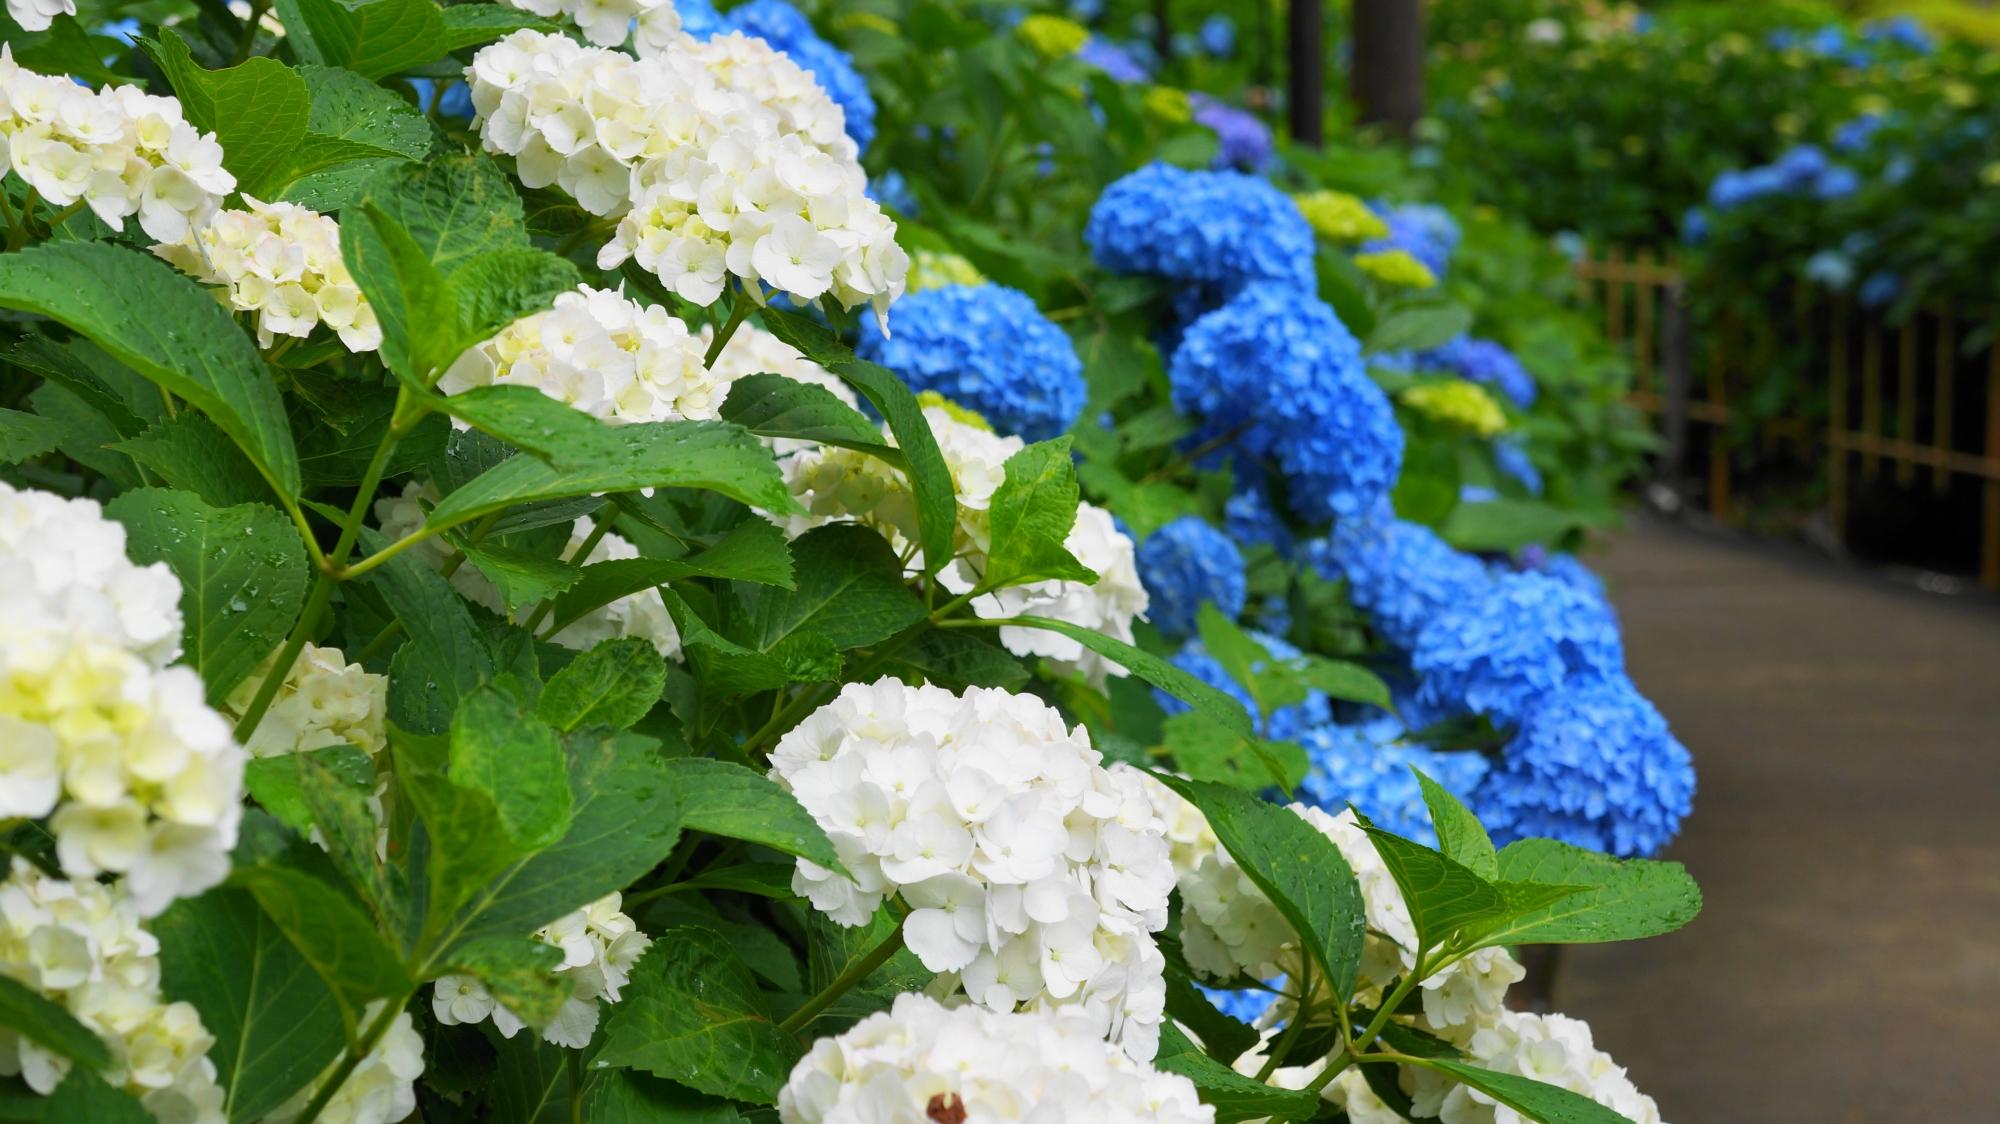 緑や青に映える三室戸寺の爽やかな白い紫陽花